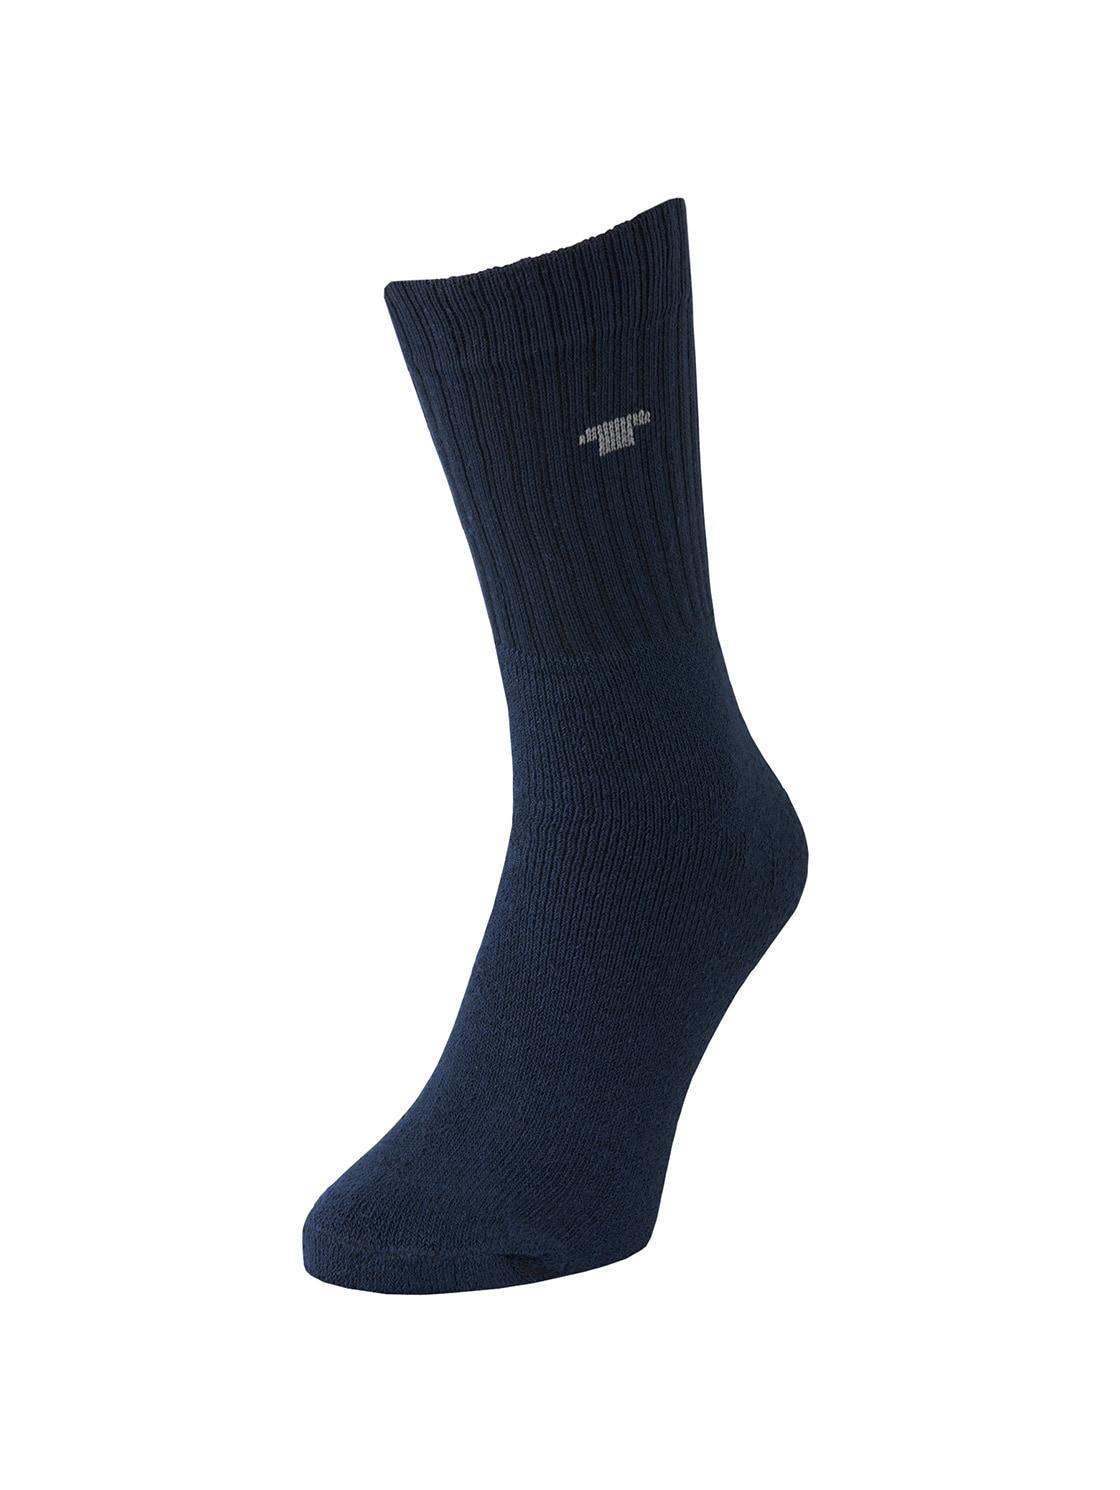 TOM TAILOR Tennis Socken im Dreierpack, Herren, dark navy, Größe: 39 42